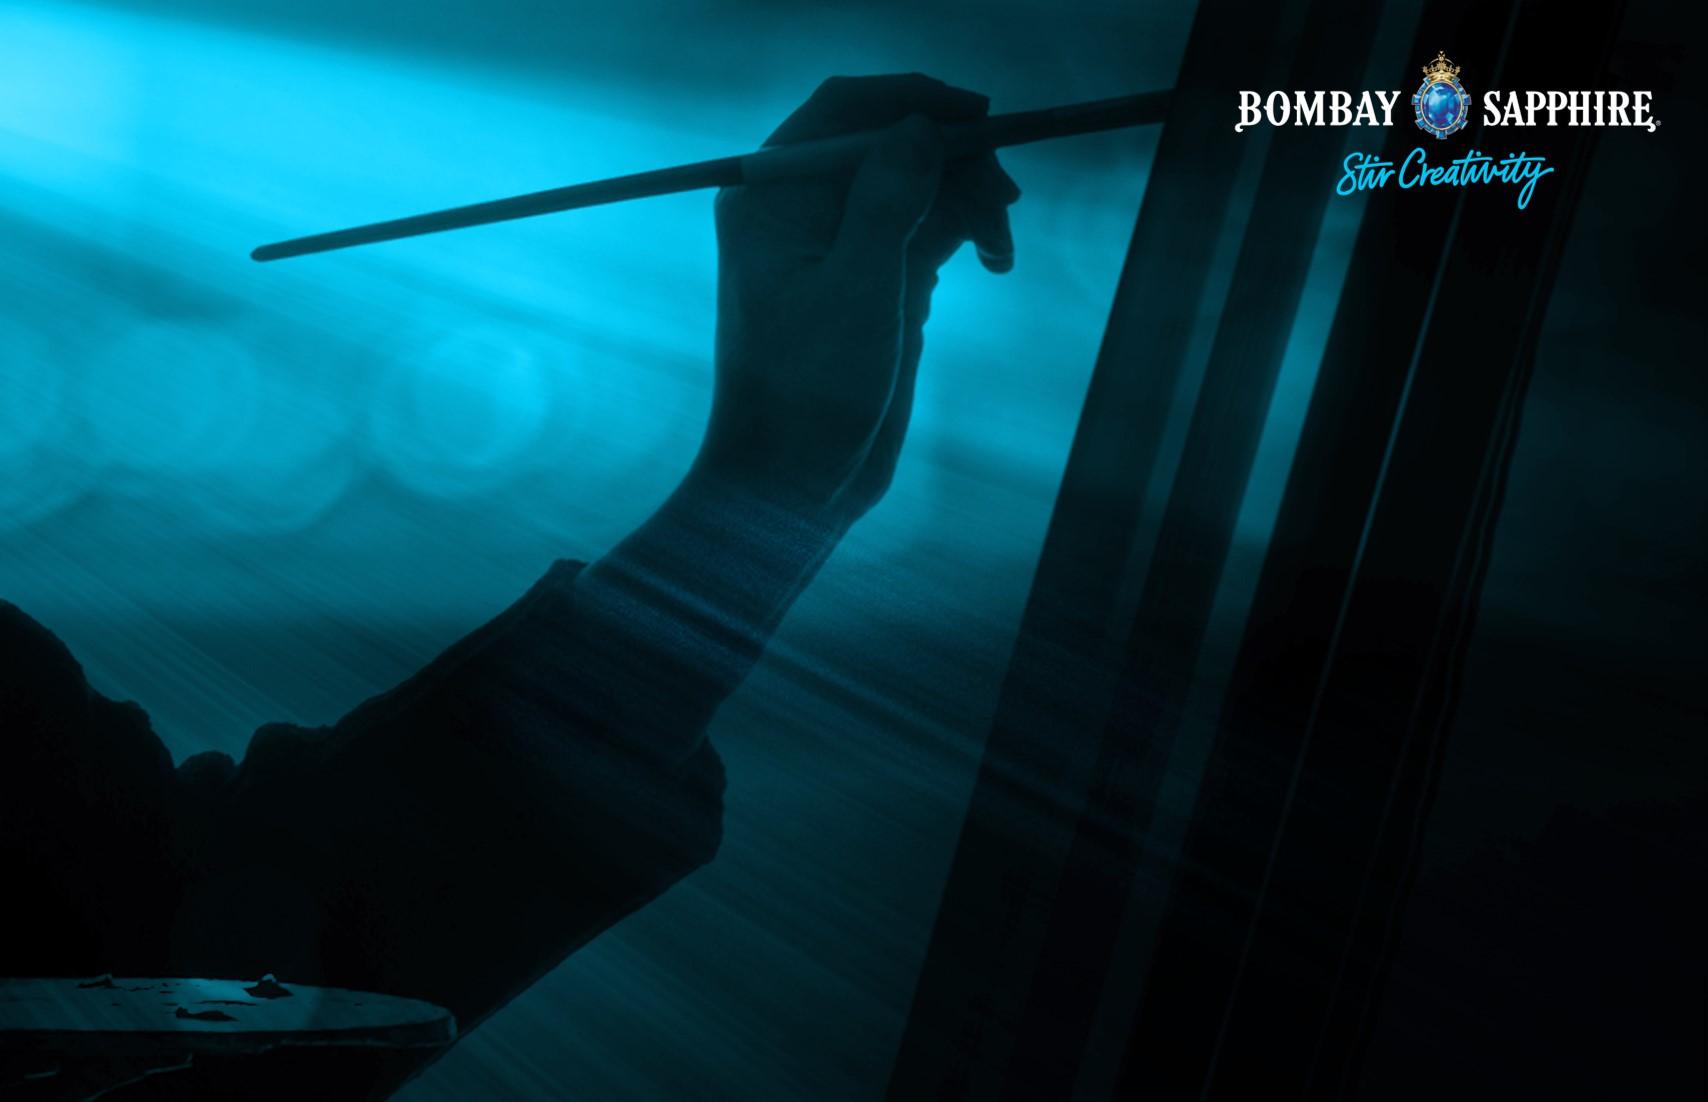 Bombay Sapphire se convierte en mecenas de la noche gracias a 'La Noche de los Artistas' y 'Galería Nómada'